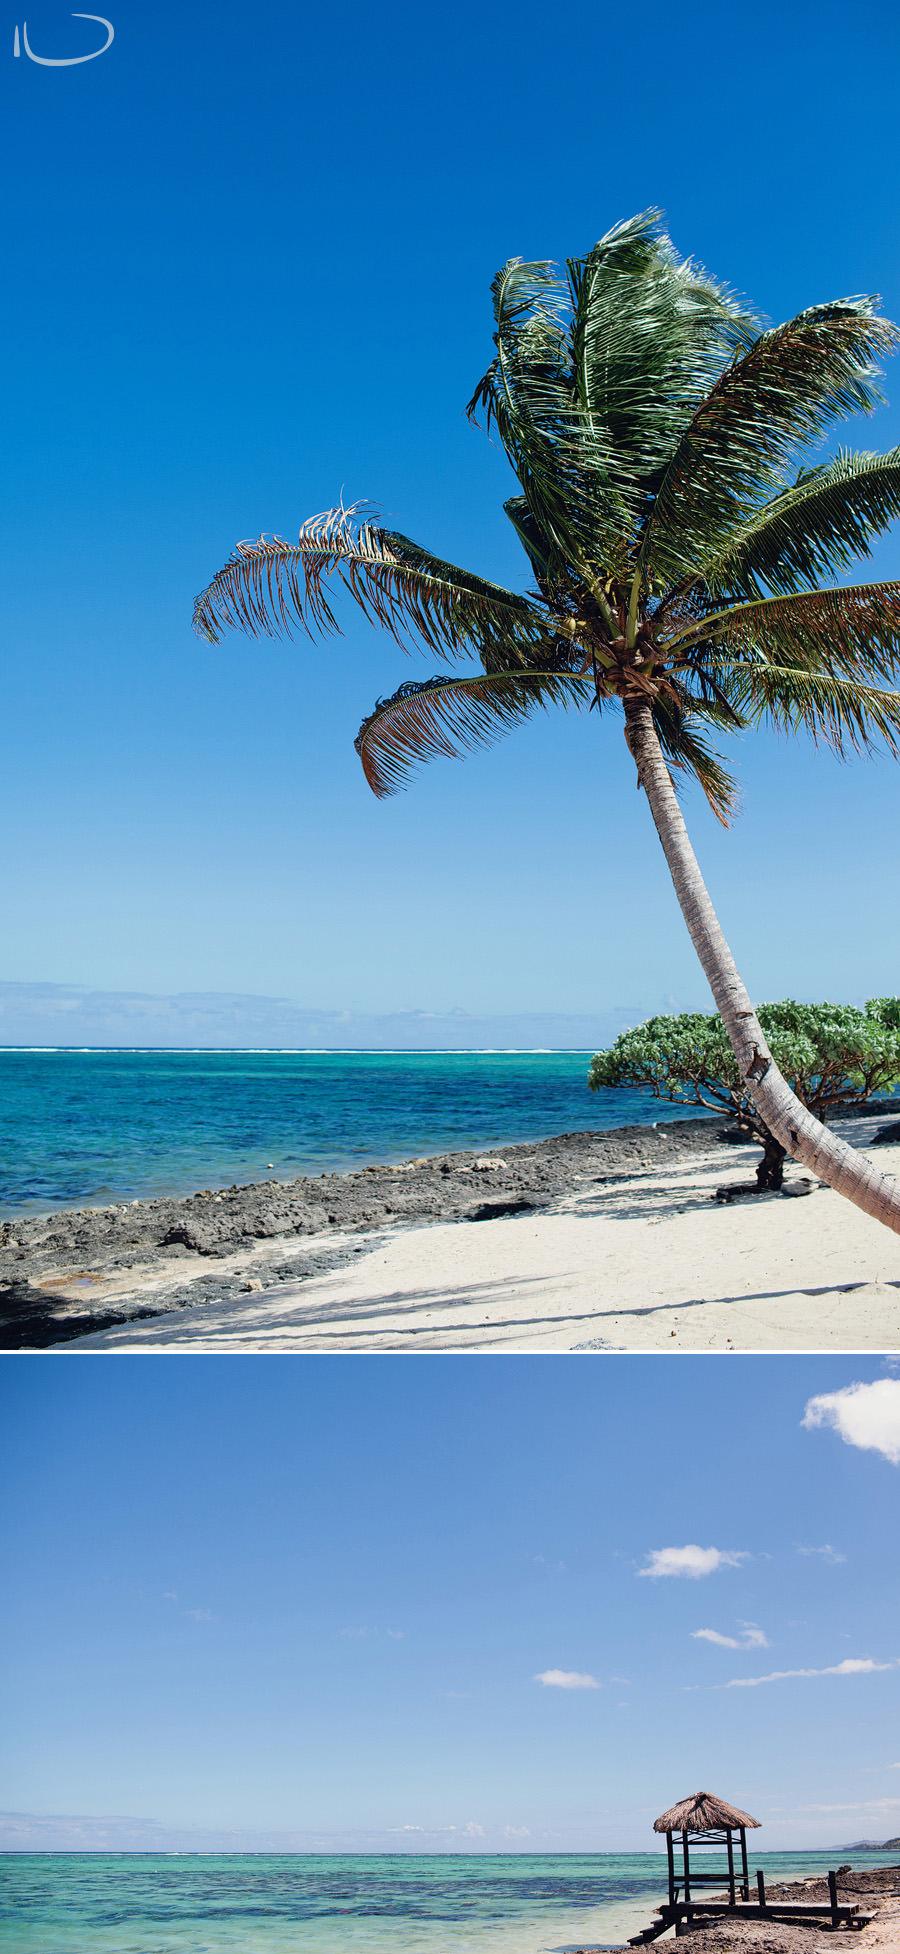 Fiji Travel Photography: Maui Bay